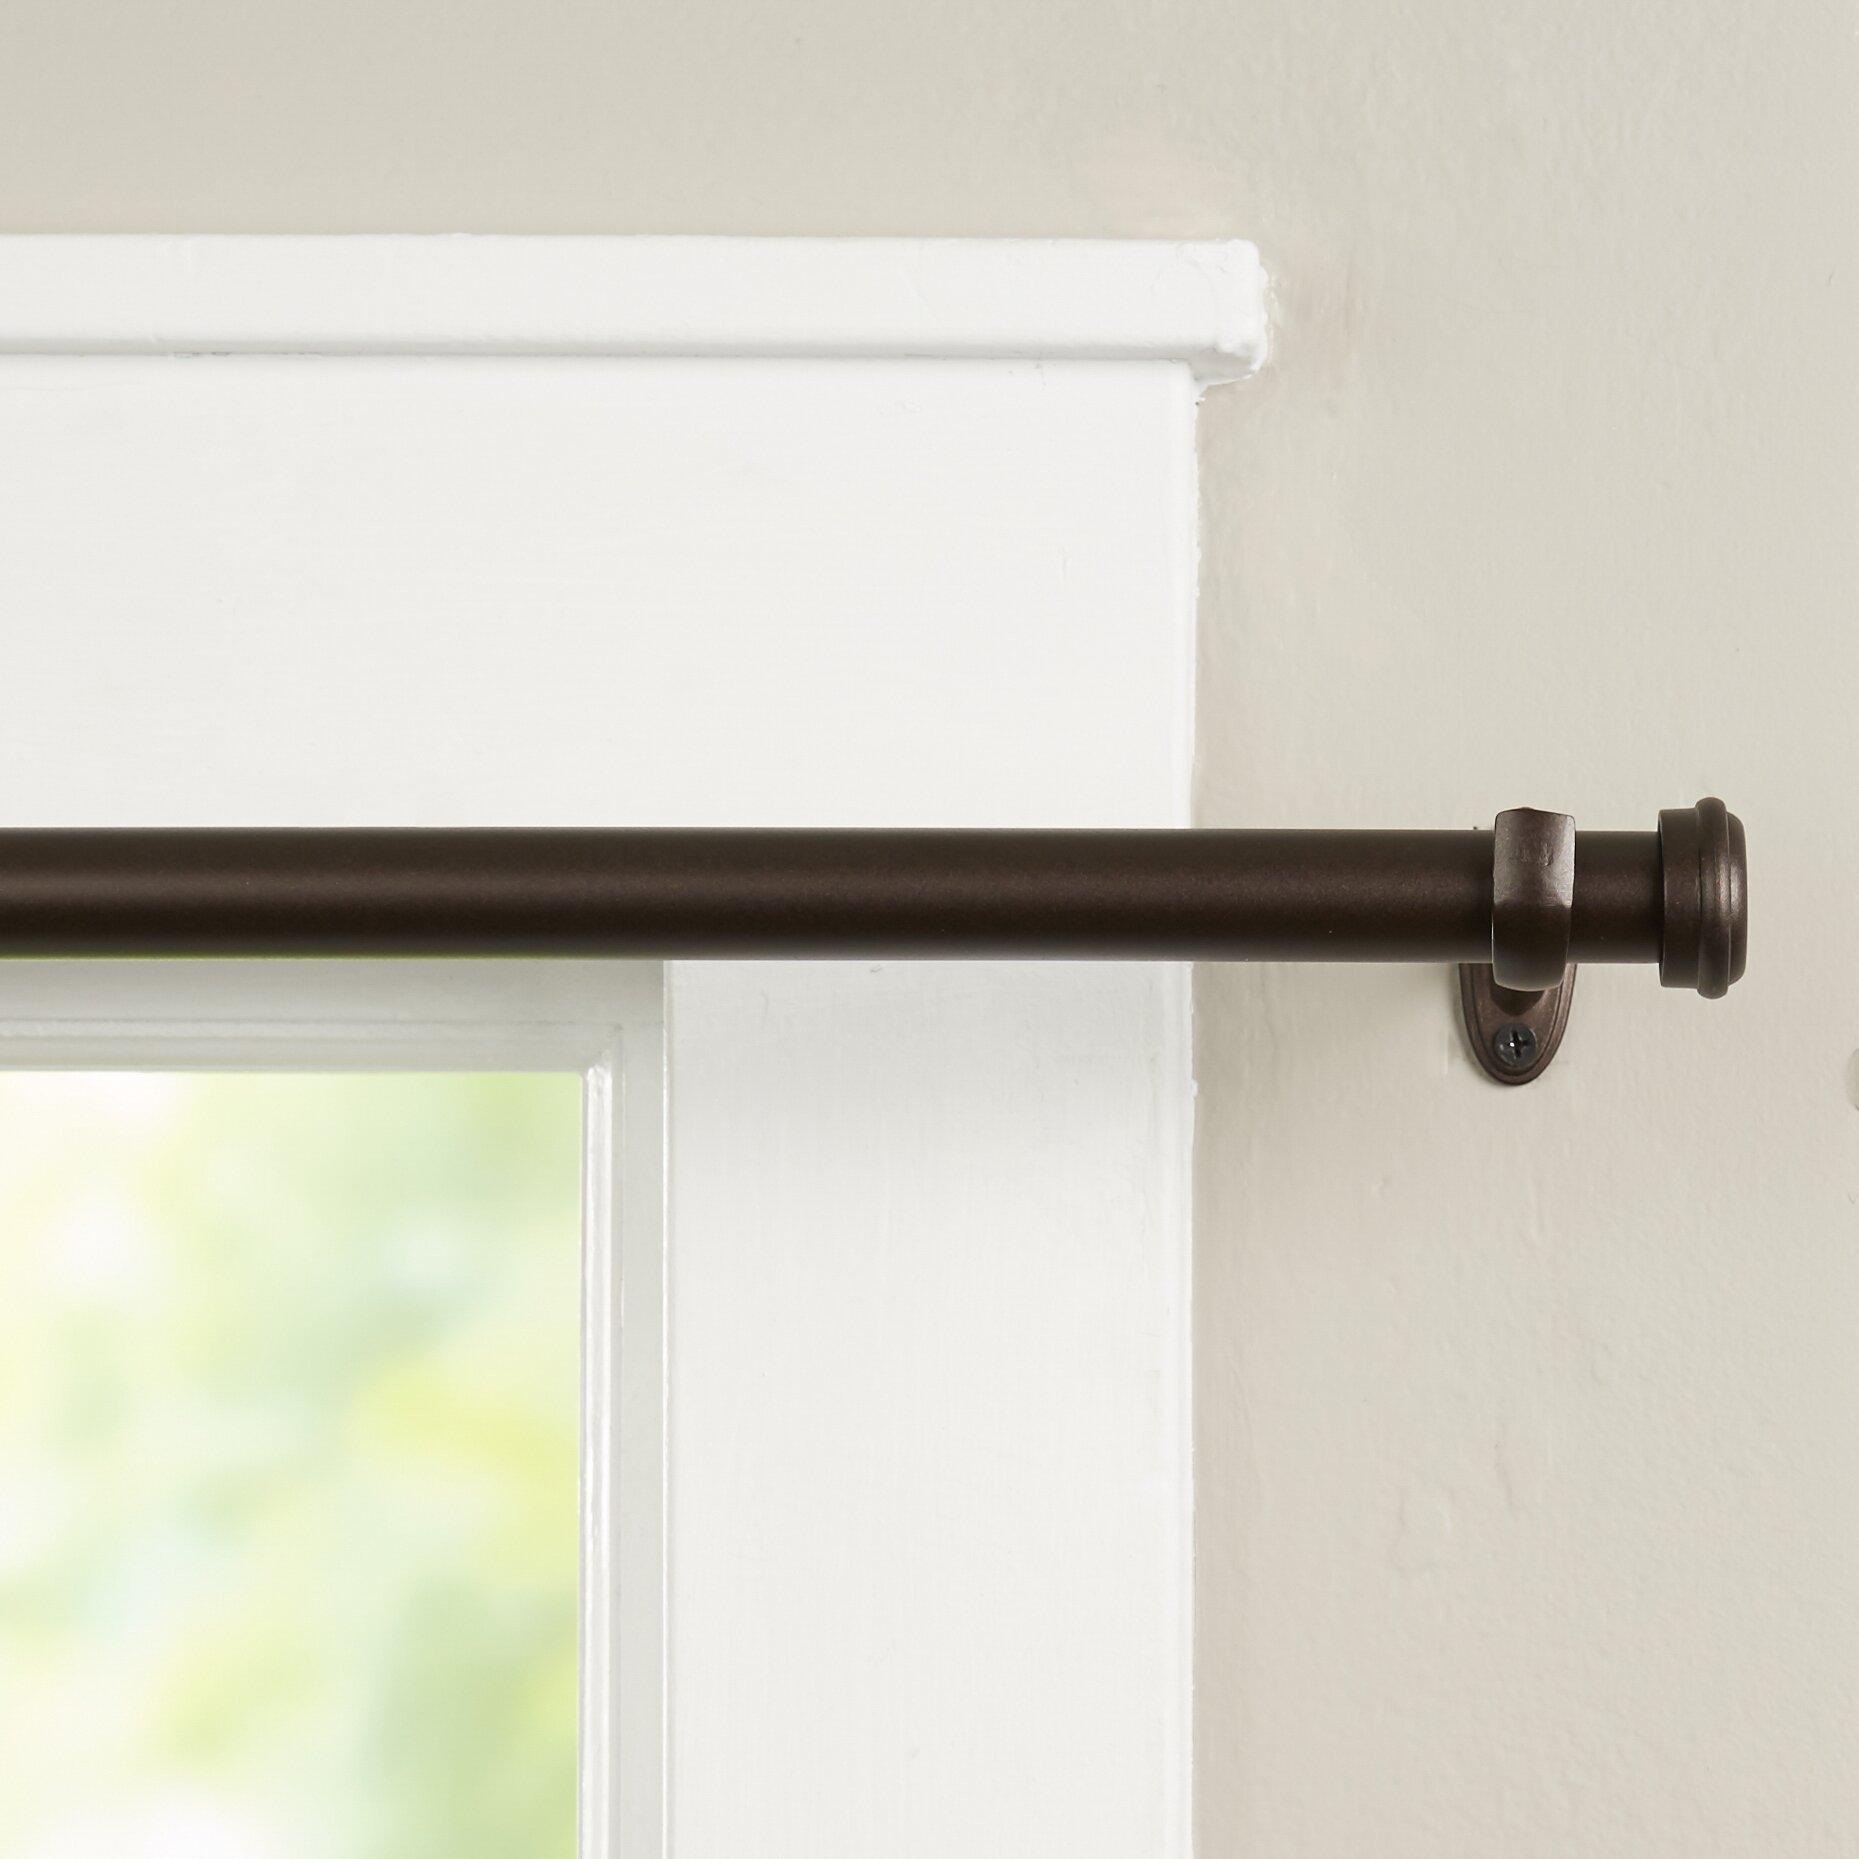 Wayfair Basics Wayfair Basics End Cap Single Curtain Rod